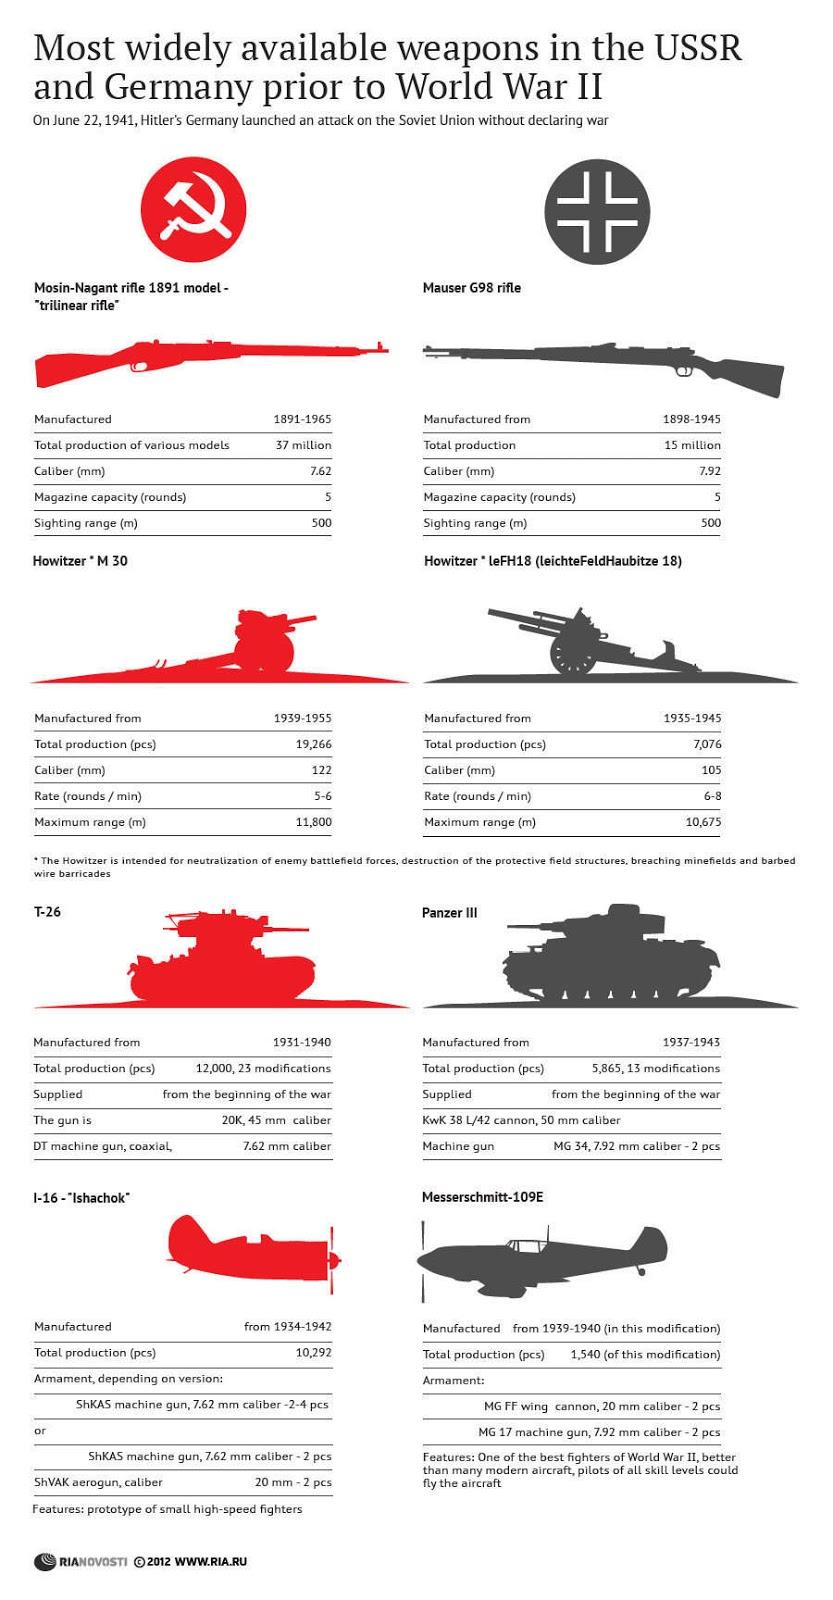 Berapakah Jumlah Persentaan Jerman dan Rusia dalam Perang Dunia II